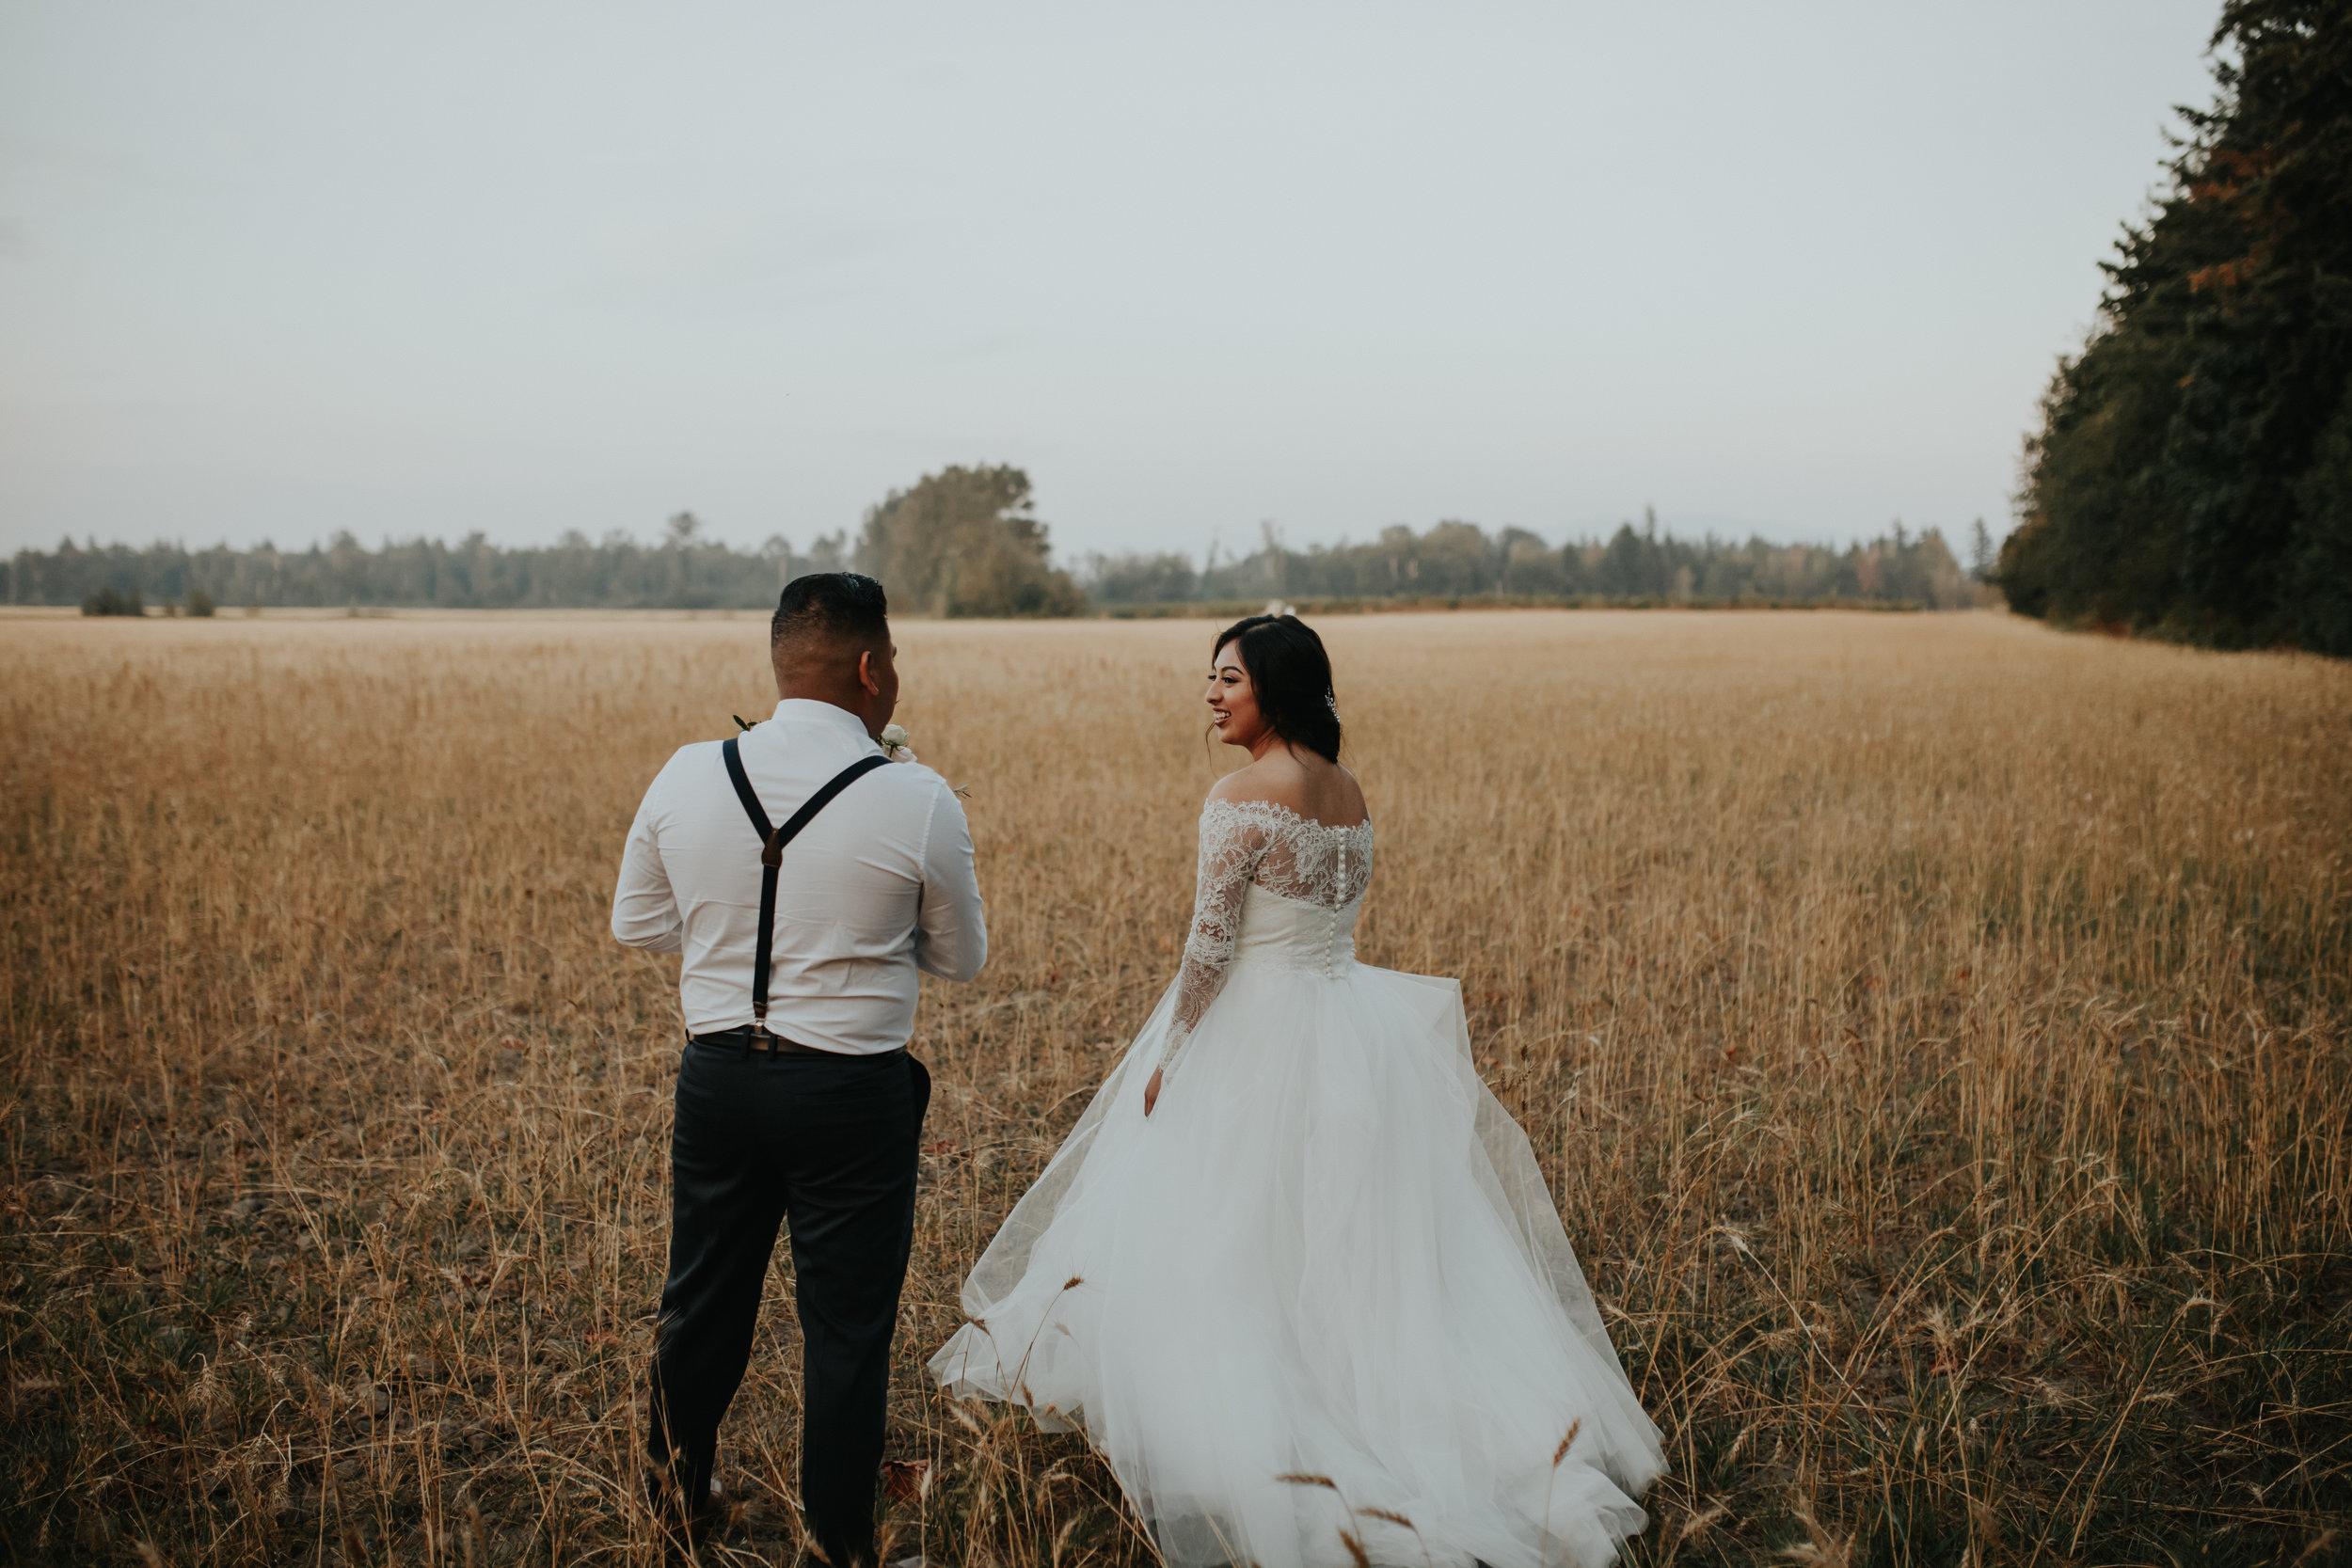 Washington Wedding Photographer   Washington Engagement Photos   Seattle Wedding Photographer